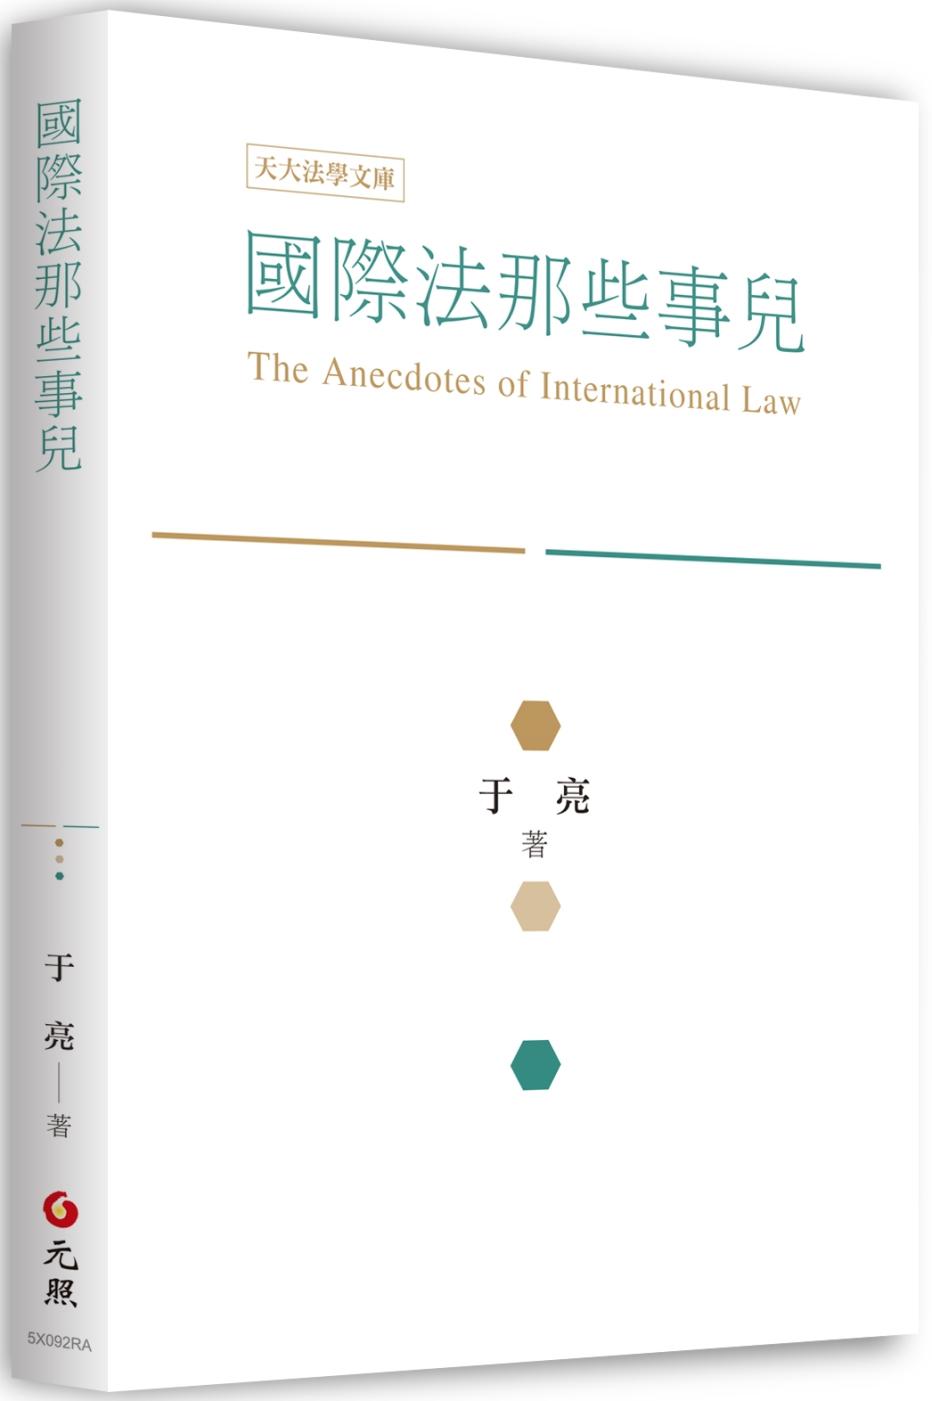 國際法那些事兒